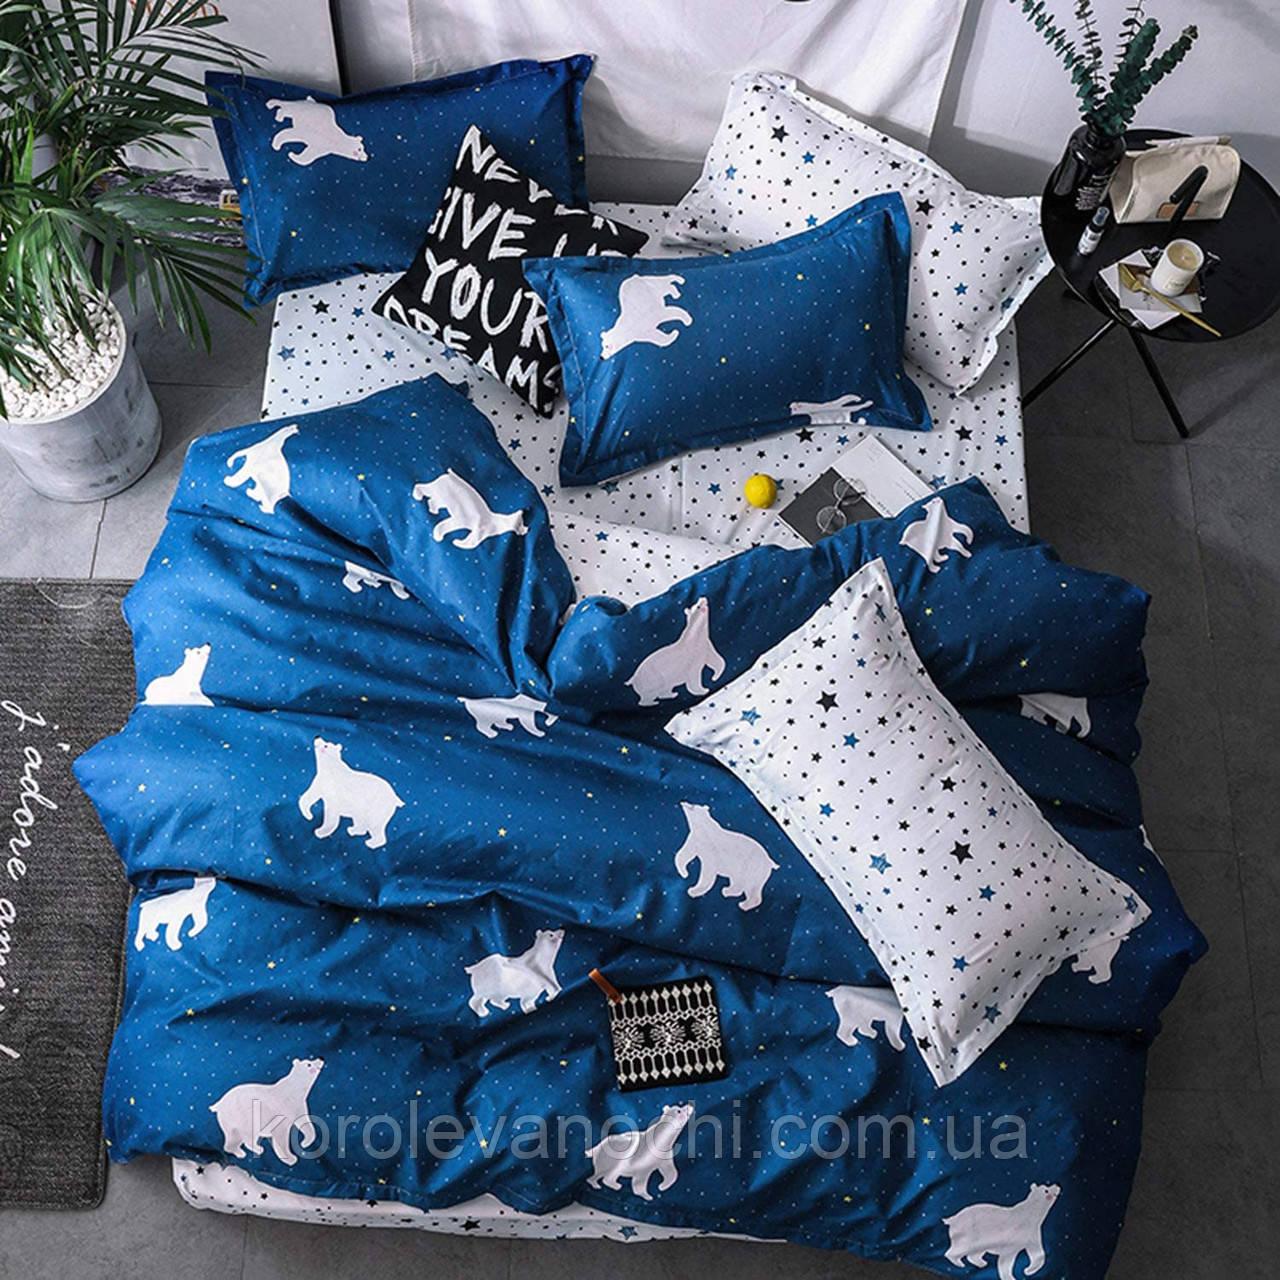 """Евро комплект (Ранфорс)   Постельное белье от производителя """"Королева Ночи""""   Белые медведи на синем"""